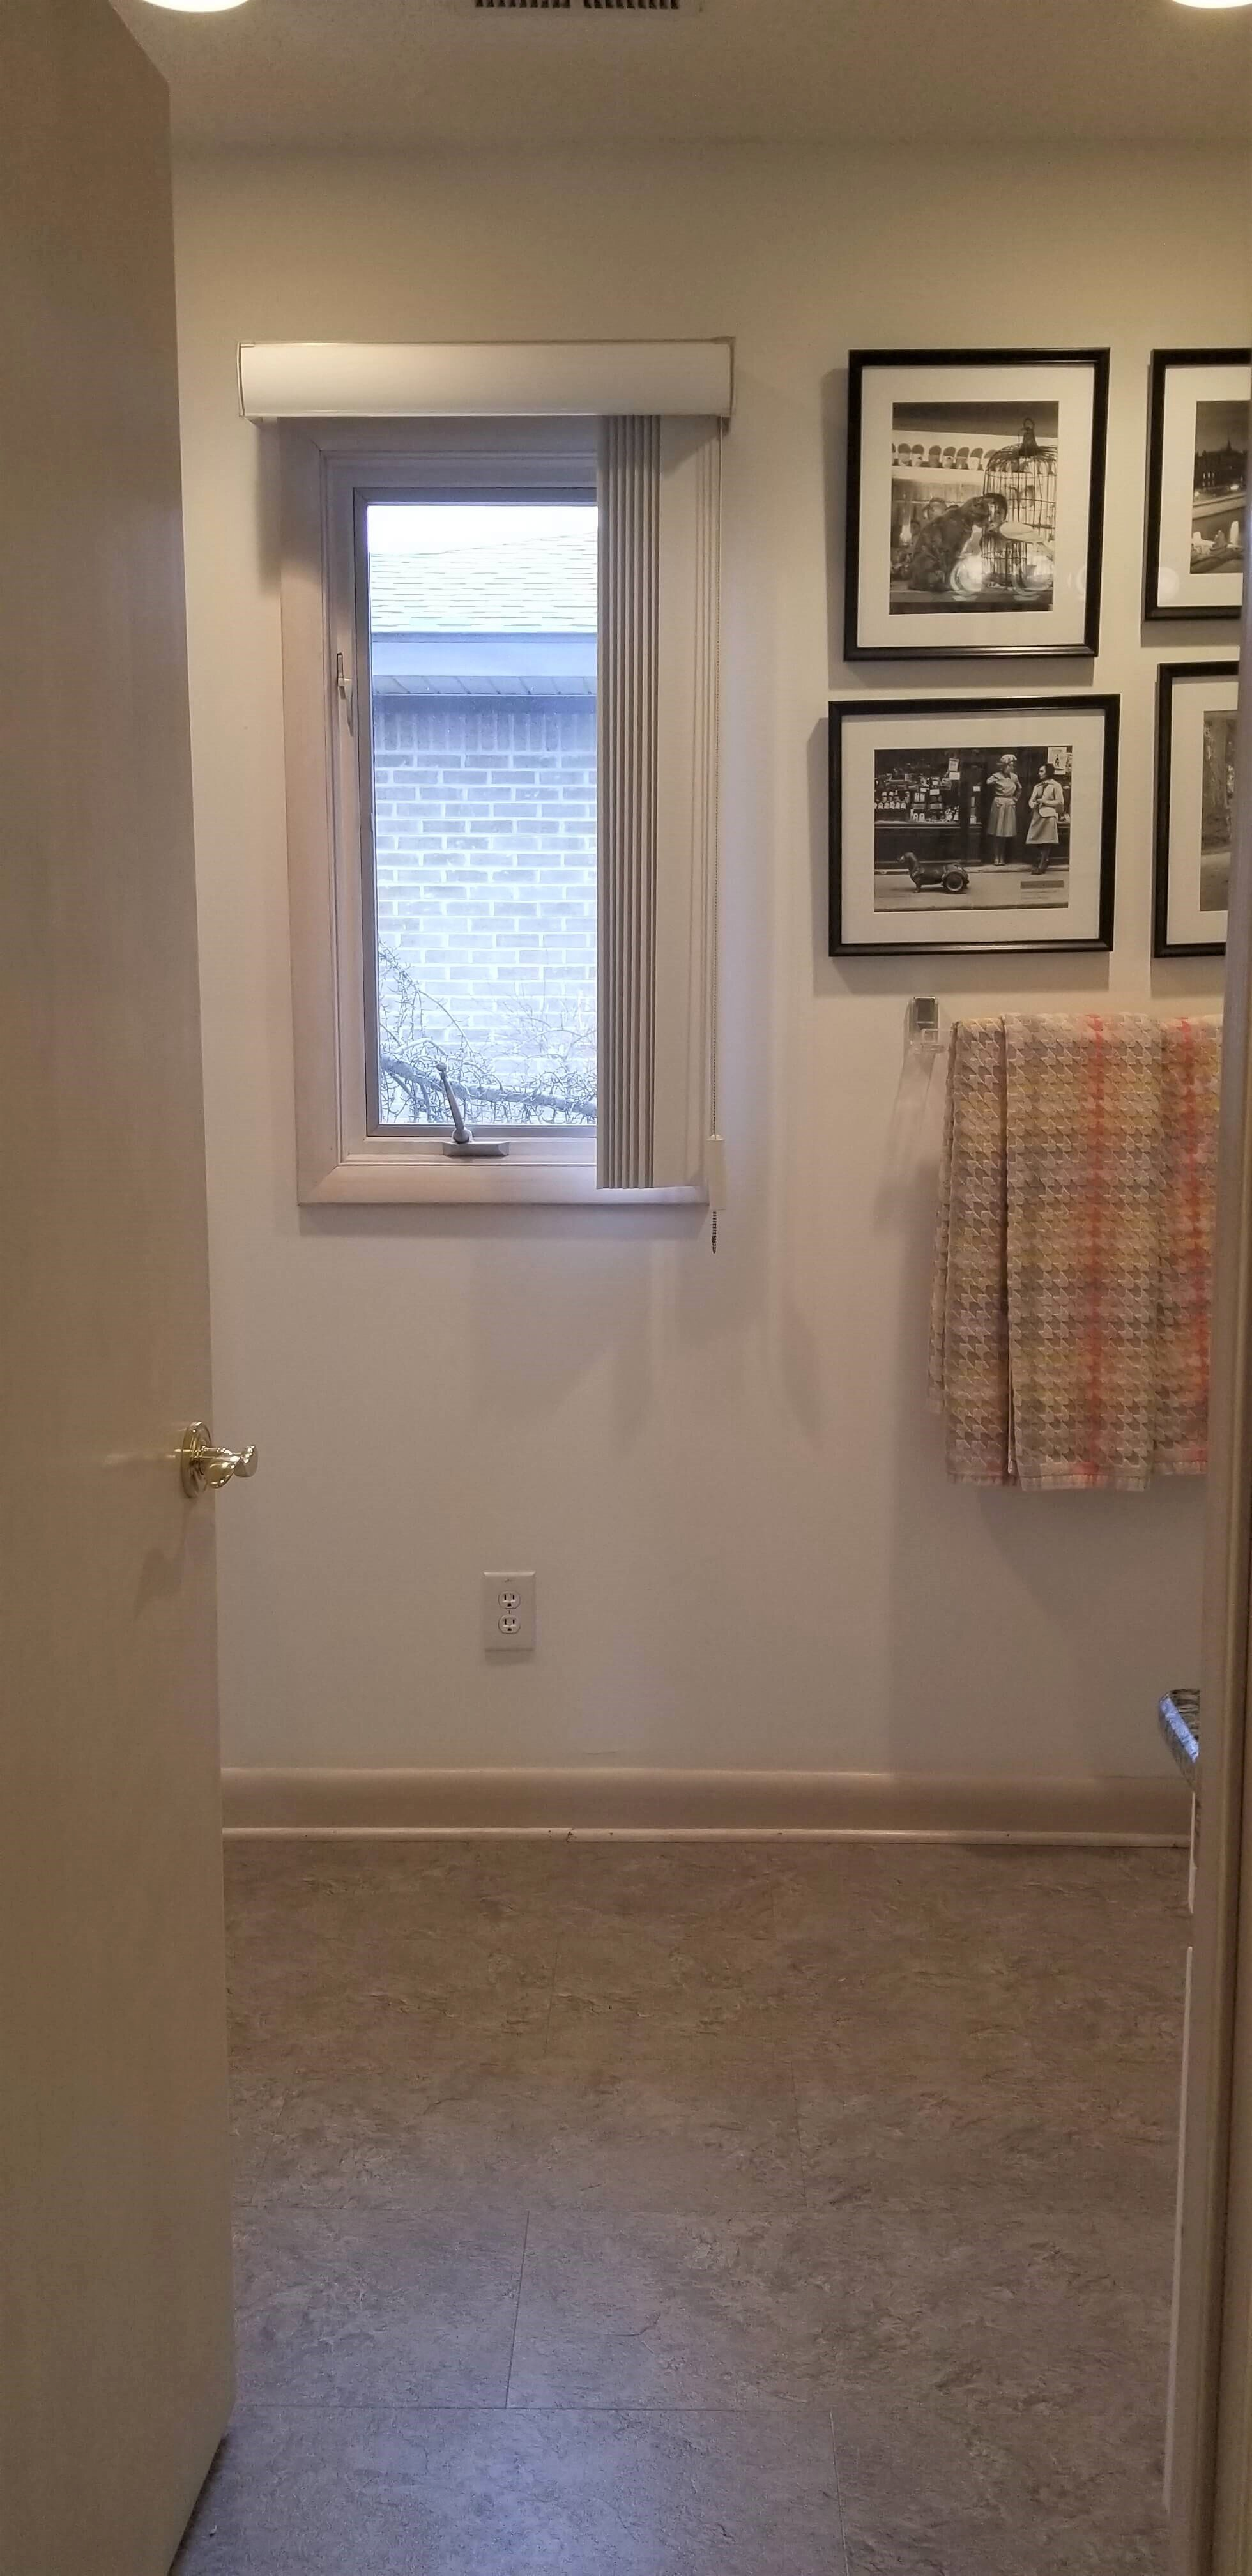 Design Ideas For A Small Master Bathroom Designed